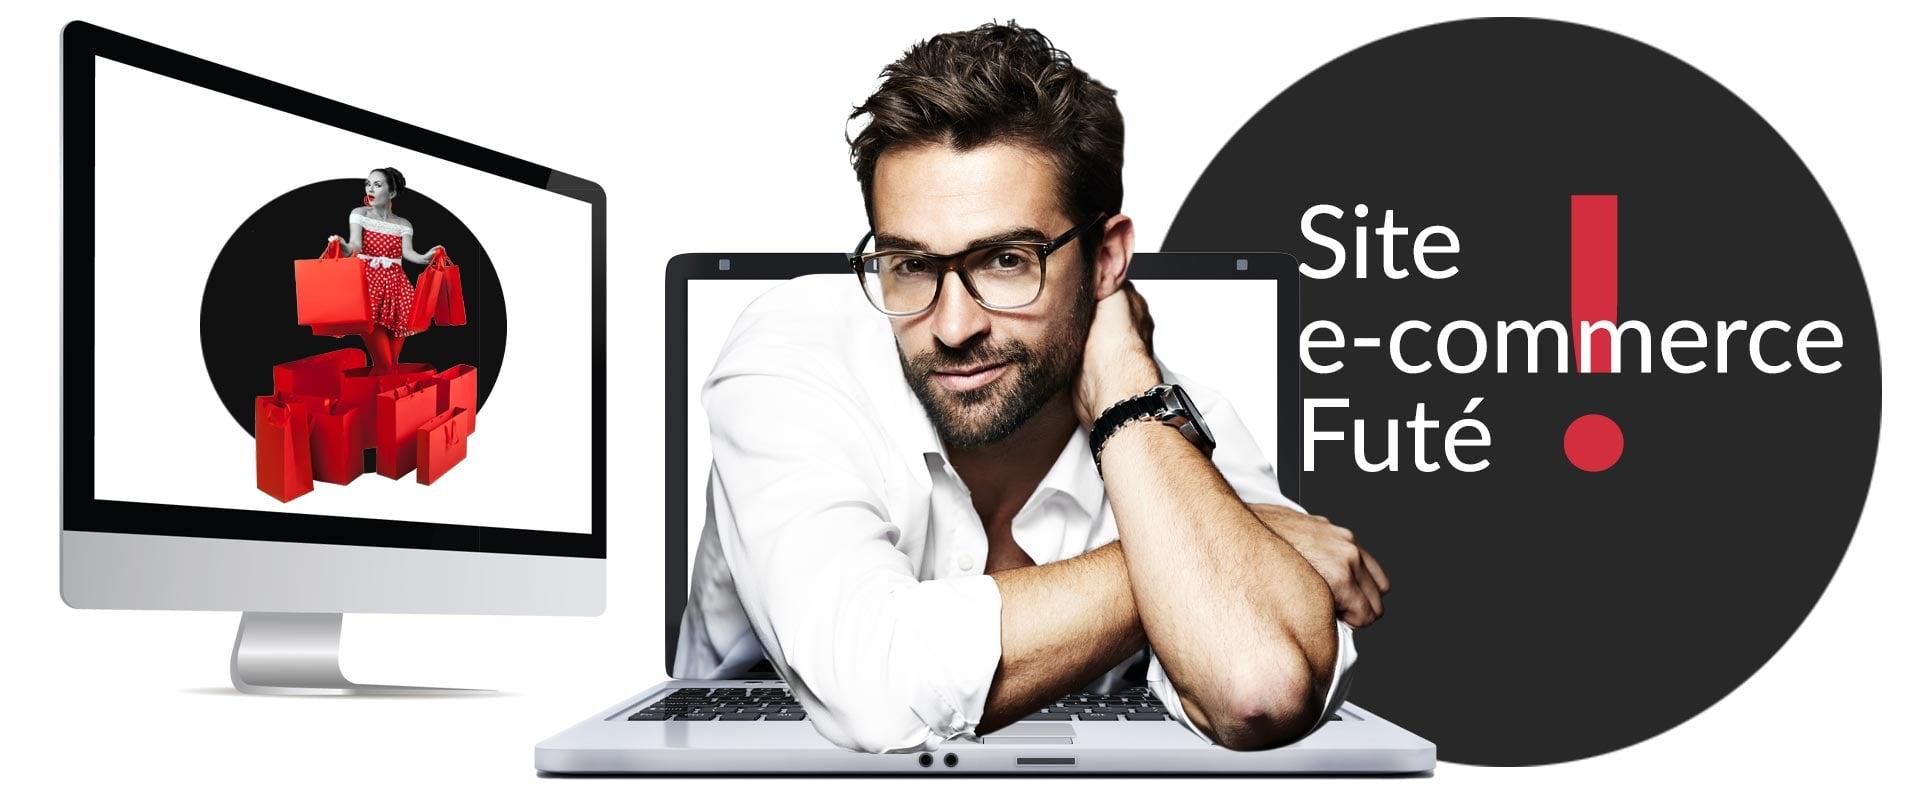 Optez pour un site e-commerce Futé